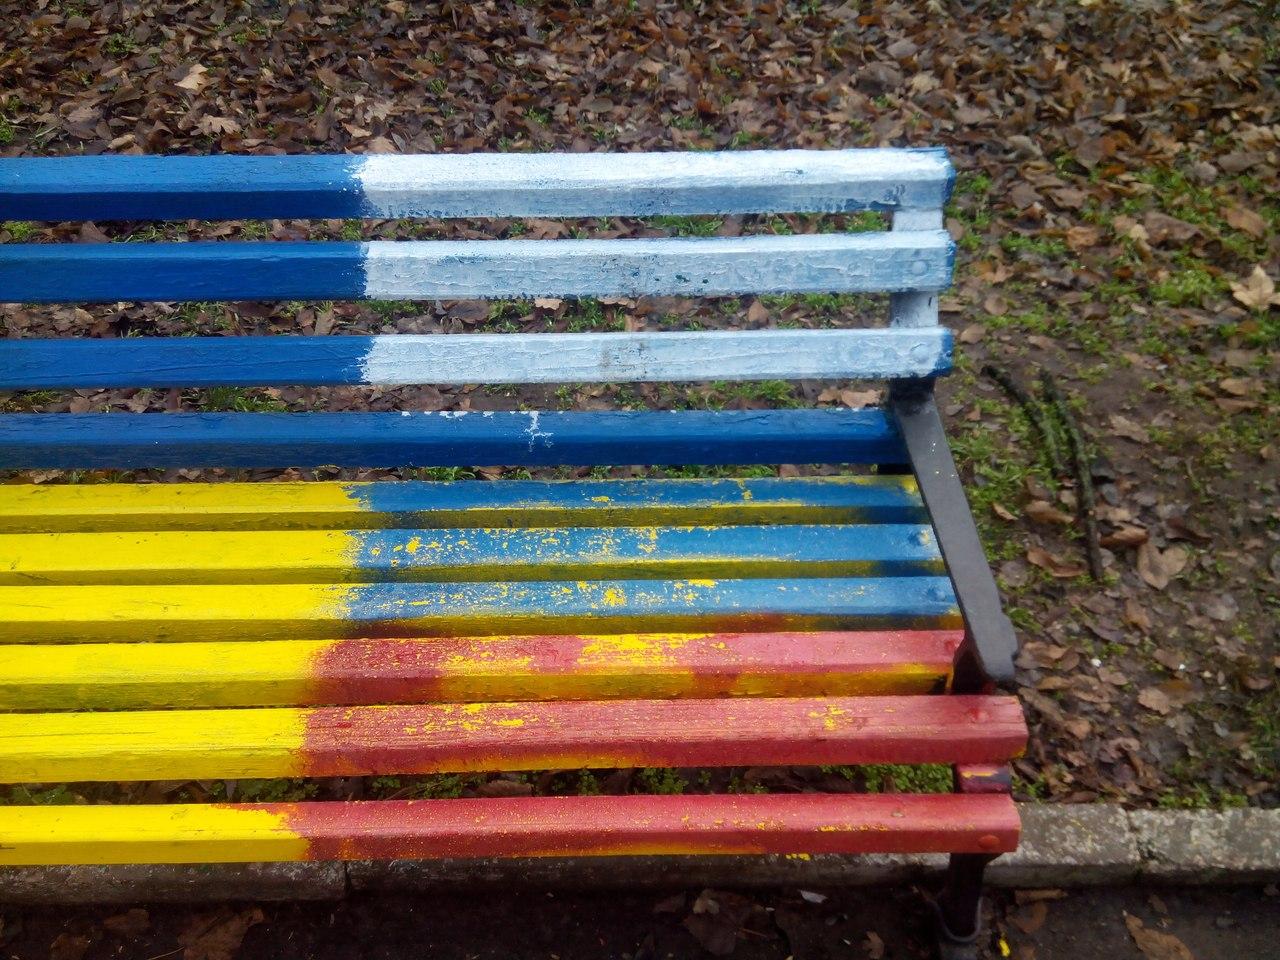 В Херсоне неизвестные испортили желто-голубые скамейки. (Фотофакт)